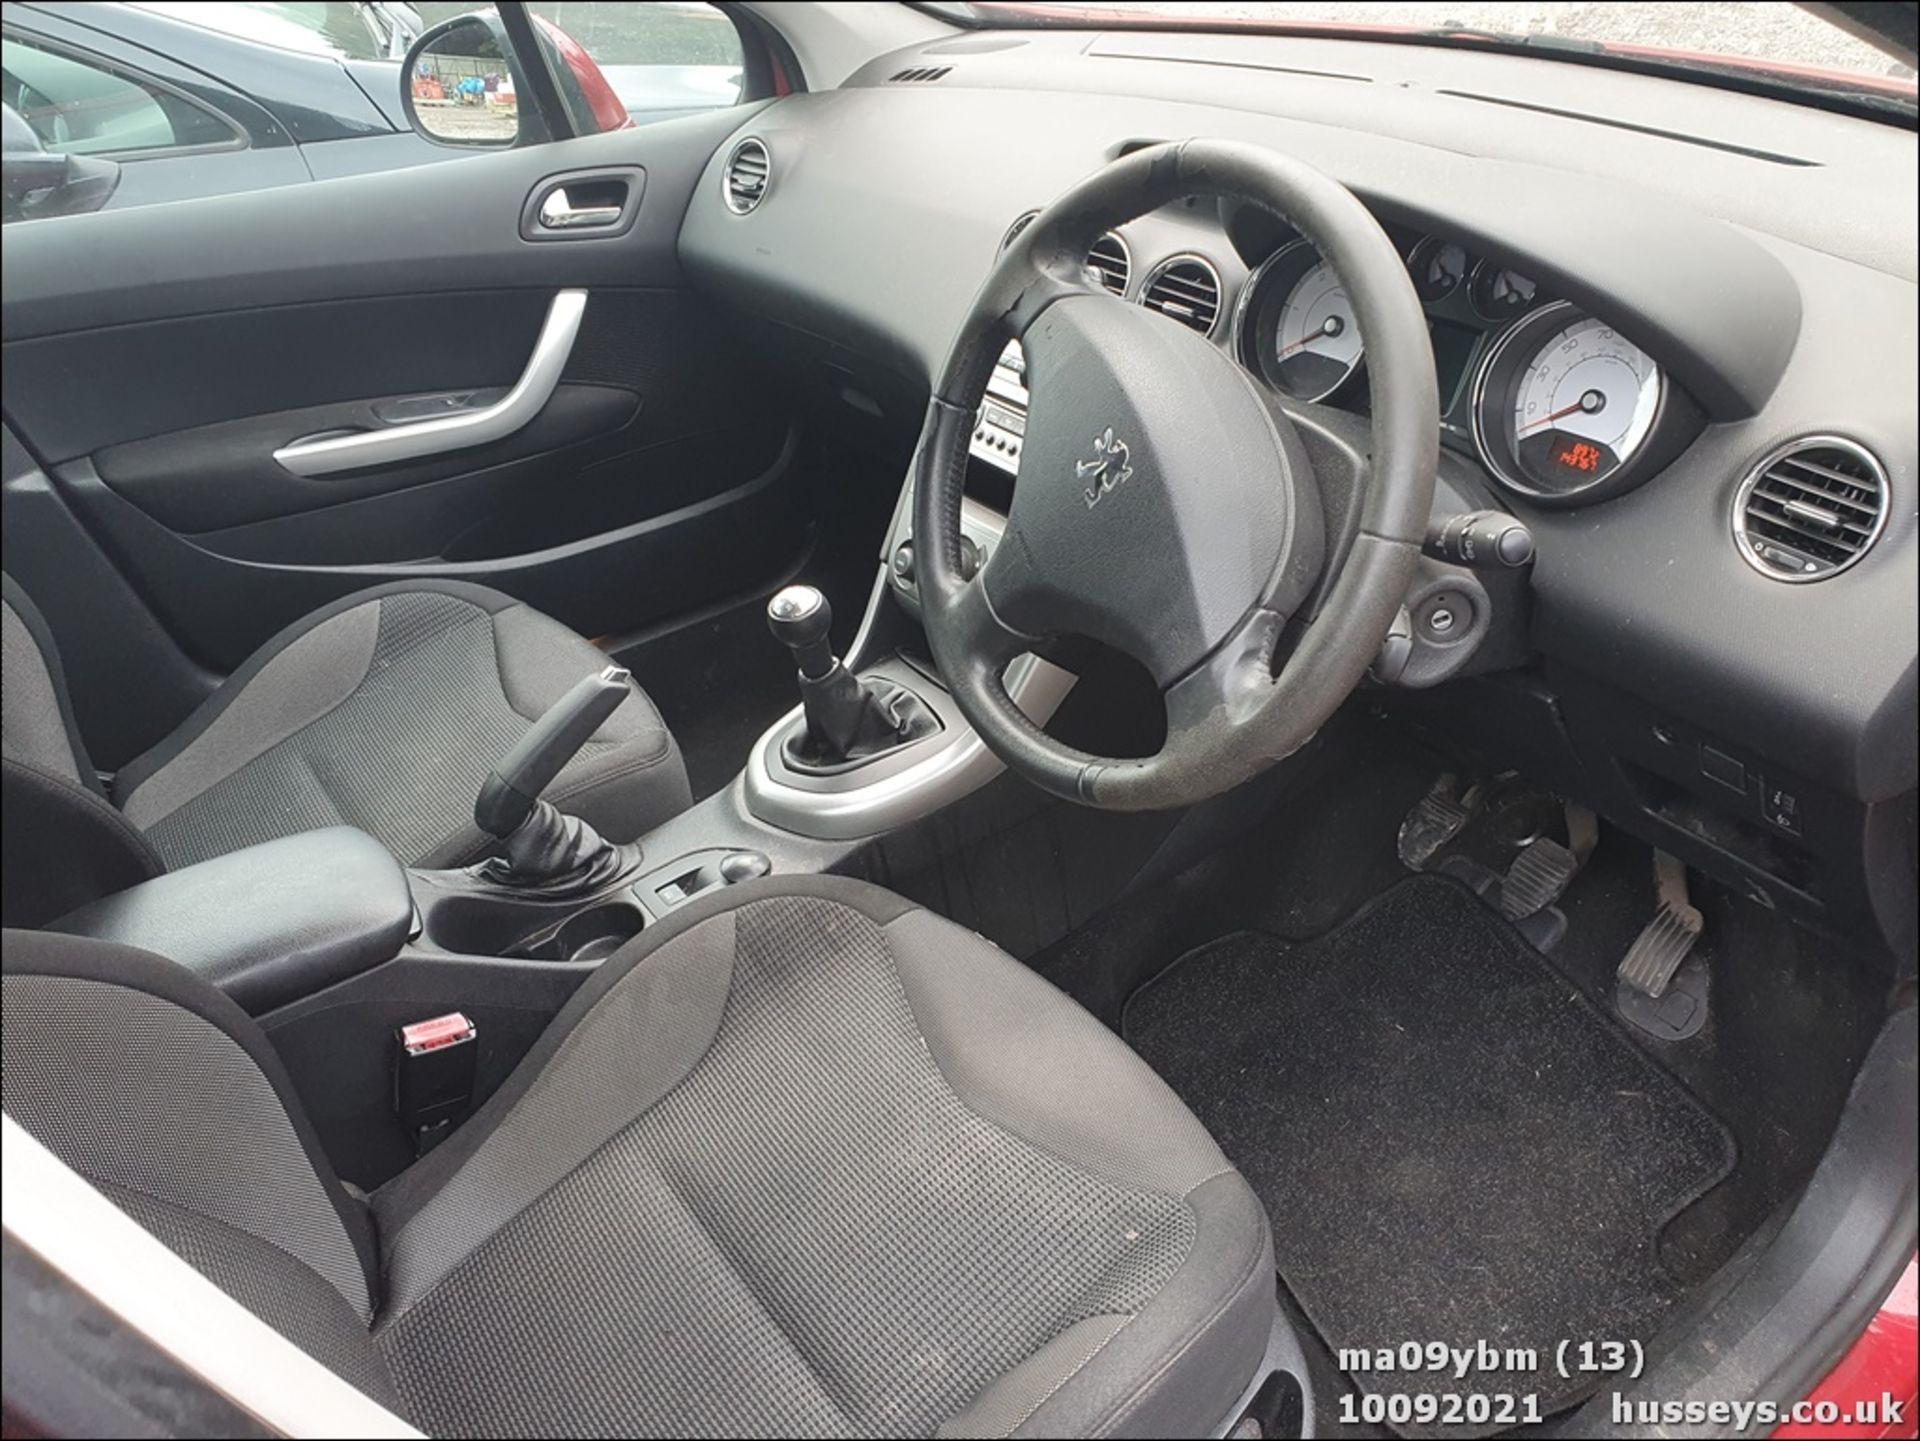 09/09 PEUGEOT 308 SE HDI - 1560cc 5dr Hatchback (Red) - Image 13 of 19